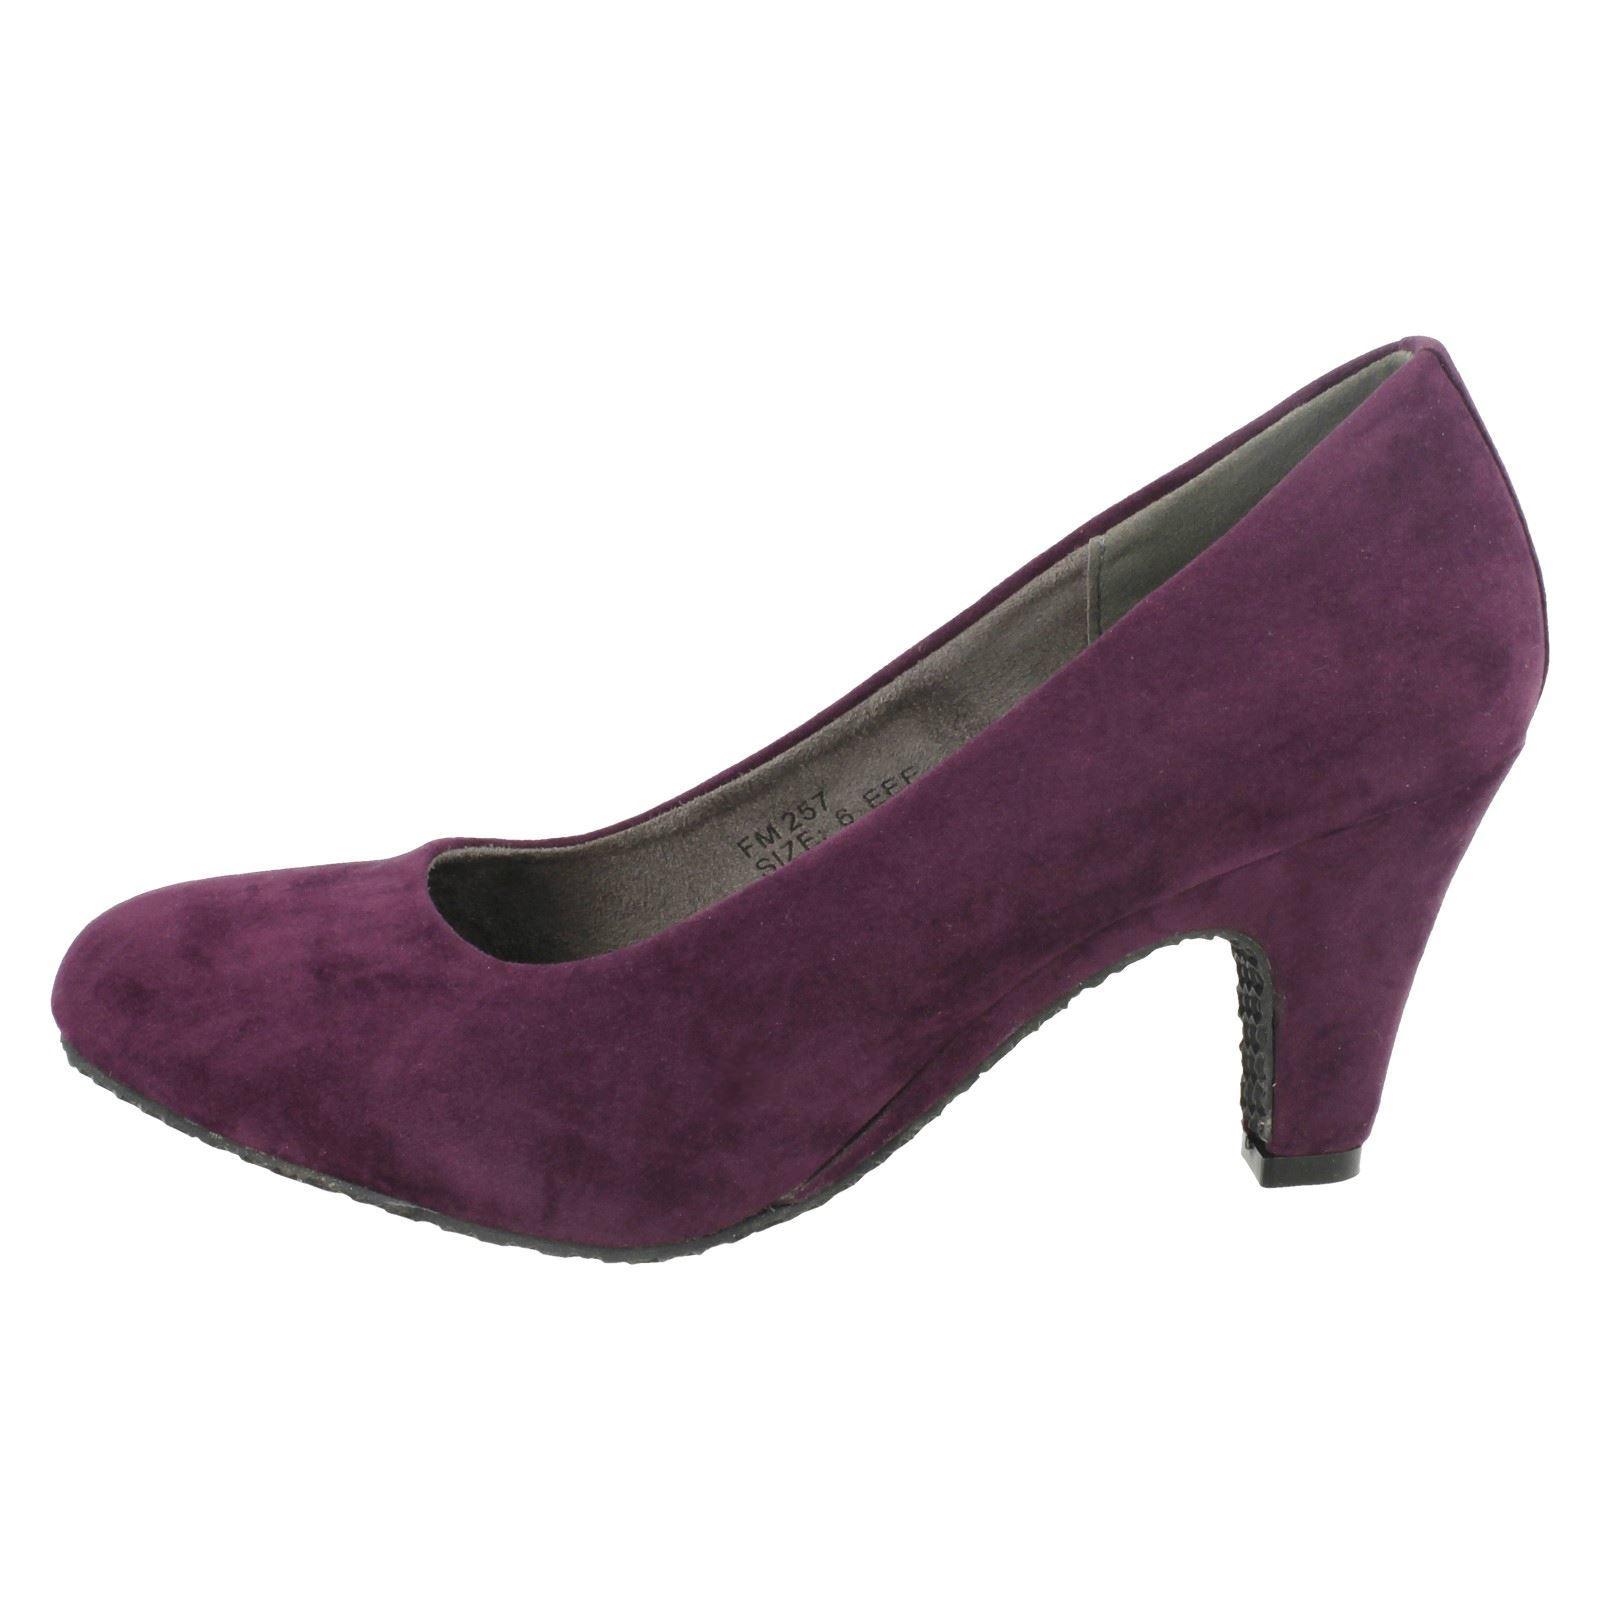 Pie señoras Flex Formal Zapatos Tribunal el estilo-FM257